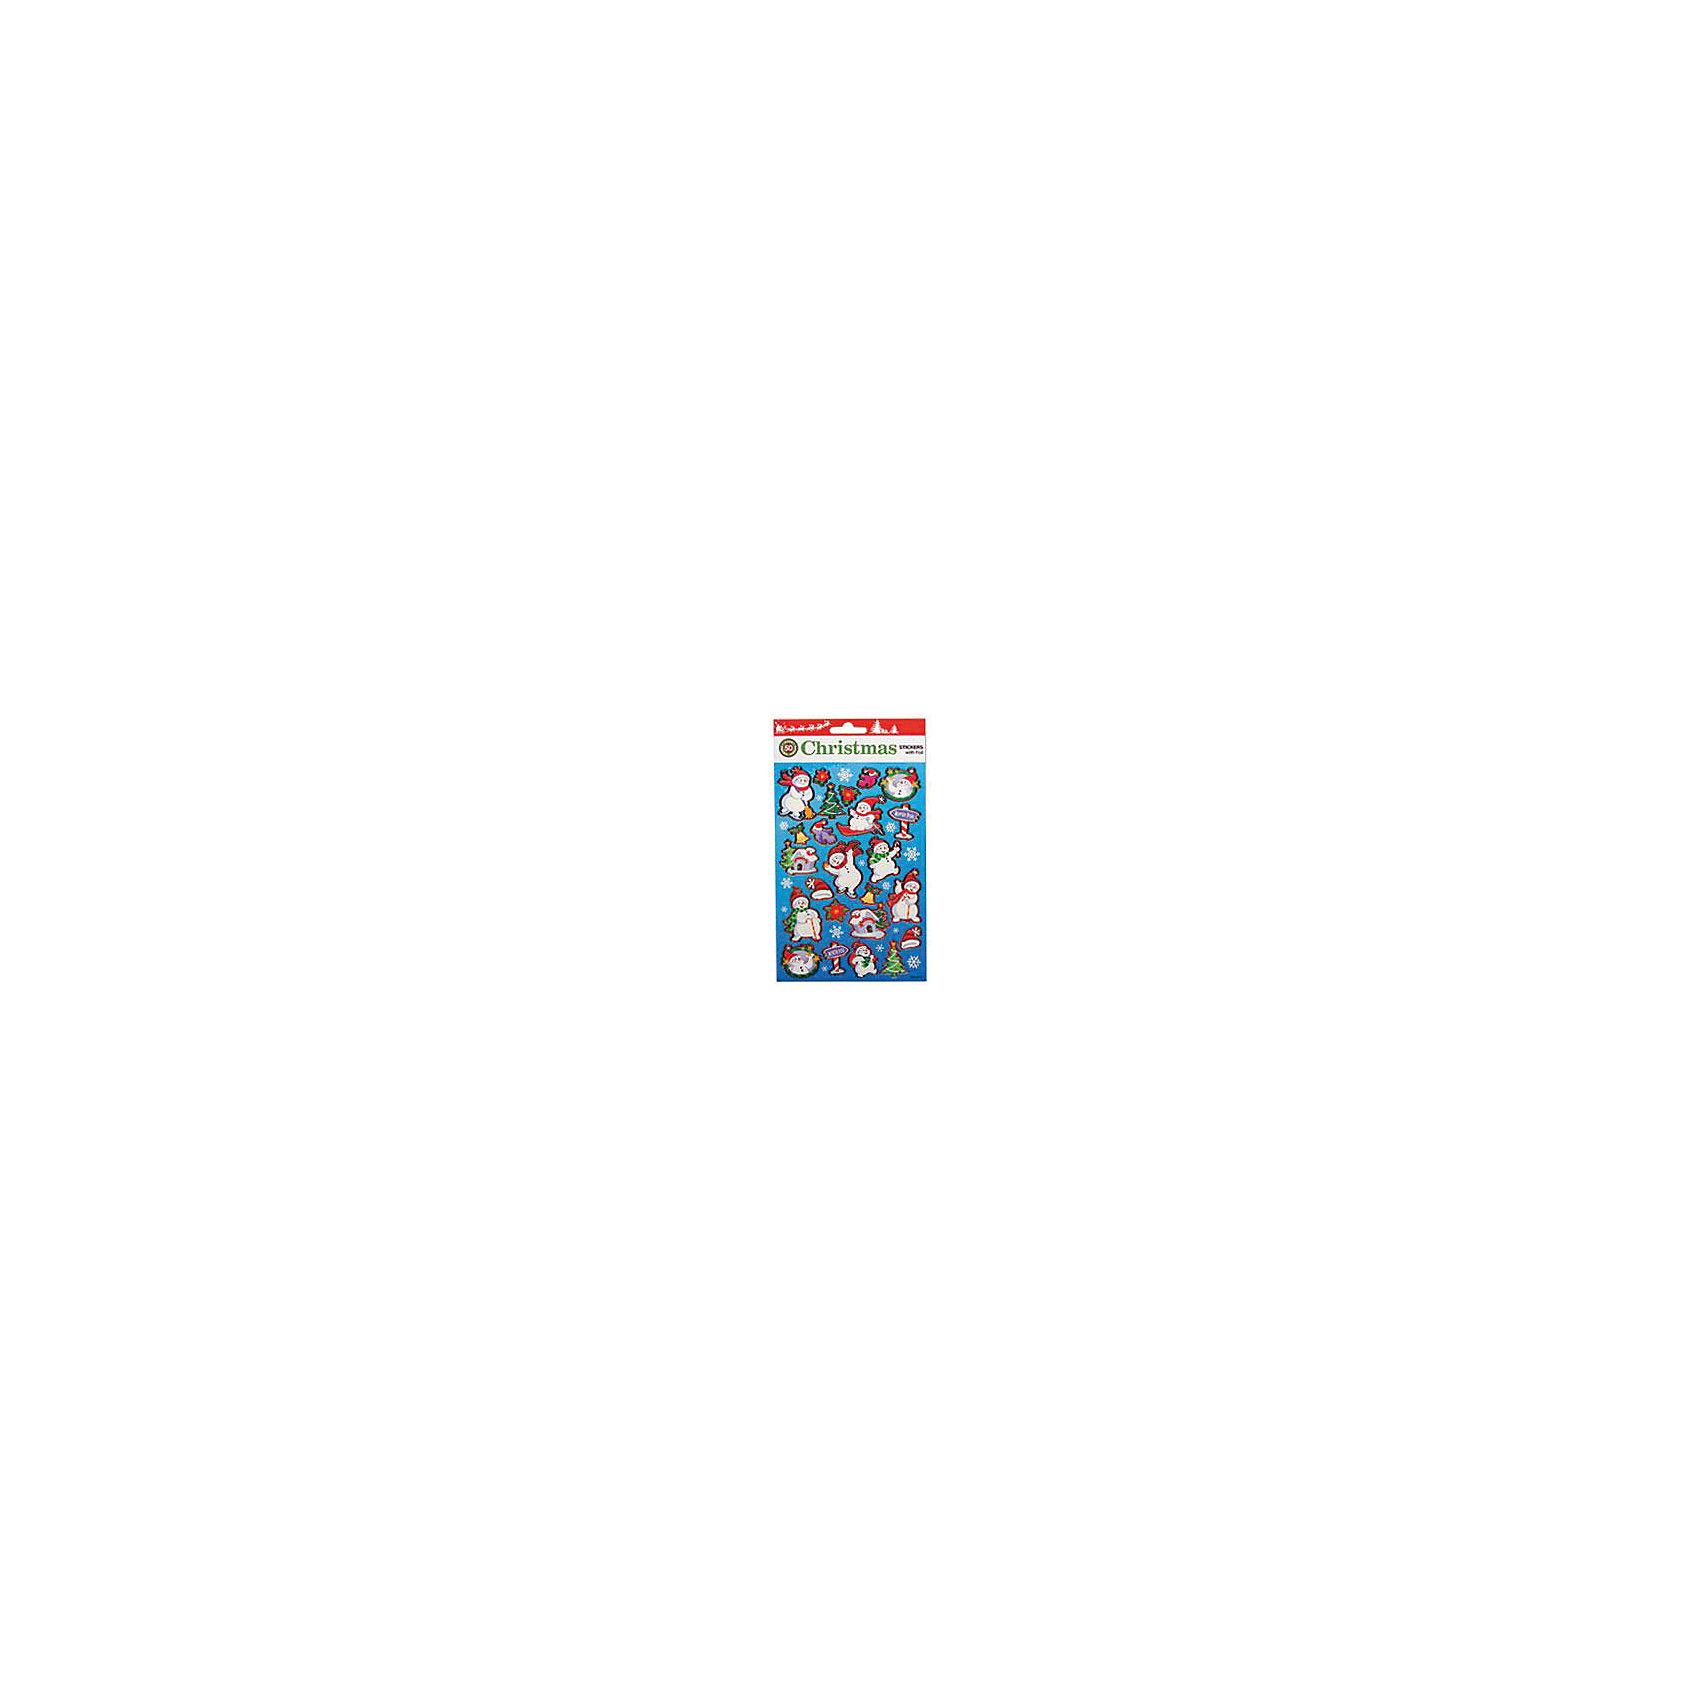 Набор наклеек Снеговик, Marko FerenzoНабор наклеек Снеговик, Marko Ferenzo (Марко Ферензо) – эти новогодние стикеры создадут праздничную атмосферу.<br>Эти удивительно красивые новогодние наклейки напоминают фрагменты лучших рождественских открыток! Яркие, красочные наклейки предназначены для украшения различных поверхностей и могут быть использованы в качестве декора, как окон, так и интерьера. Устройте настоящий праздник! Пусть он сопровождает вас повсюду. Торговая марка «Marko Ferenzo» (Марко Ферензо) – это стиль, красочность, оригинальность и качество, которому можно доверять!<br><br>Дополнительная информация:<br><br>- Размер: 25 см.<br><br>Набор наклеек Снеговик, Marko Ferenzo (Марко Ферензо) можно купить в нашем интернет-магазине.<br><br>Ширина мм: 100<br>Глубина мм: 10<br>Высота мм: 100<br>Вес г: 281<br>Возраст от месяцев: 36<br>Возраст до месяцев: 2147483647<br>Пол: Унисекс<br>Возраст: Детский<br>SKU: 4418968